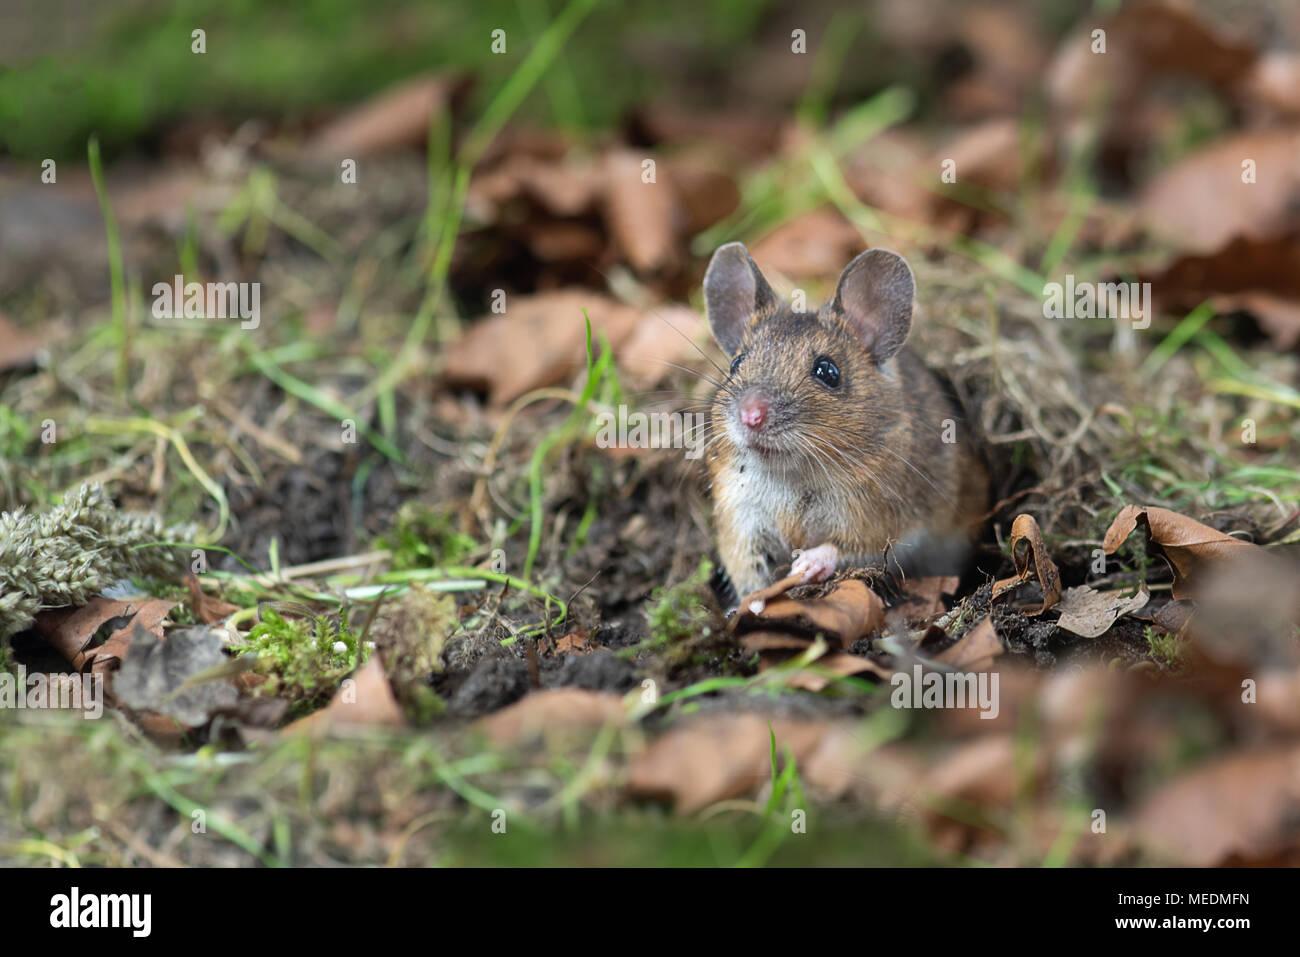 Tranquilamente sentado en el suelo del bosque y busca alert que emergen de la fauna es esta madera ratón Apodemus sylvaticuse que es un roedor común de E Imagen De Stock